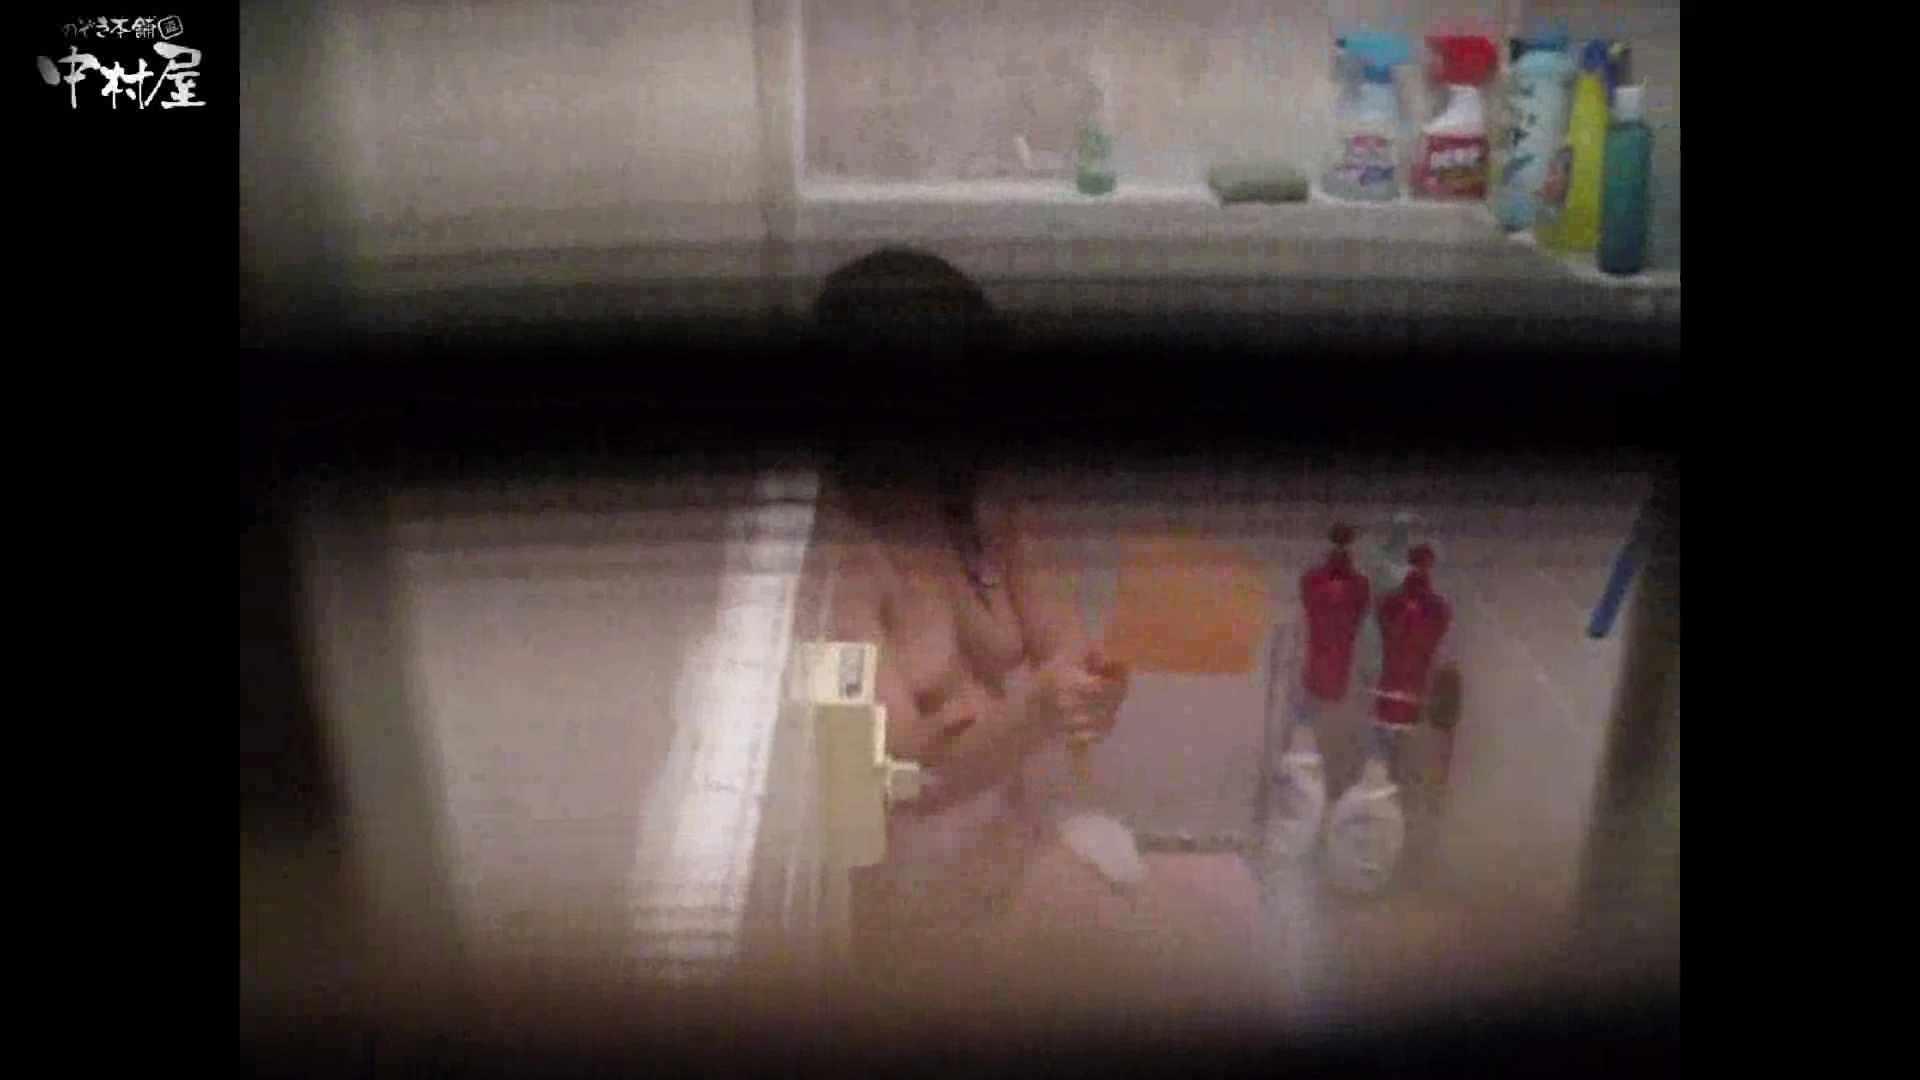 民家風呂専門盗撮師の超危険映像 vol.017 OLセックス 覗きオメコ動画キャプチャ 87画像 44